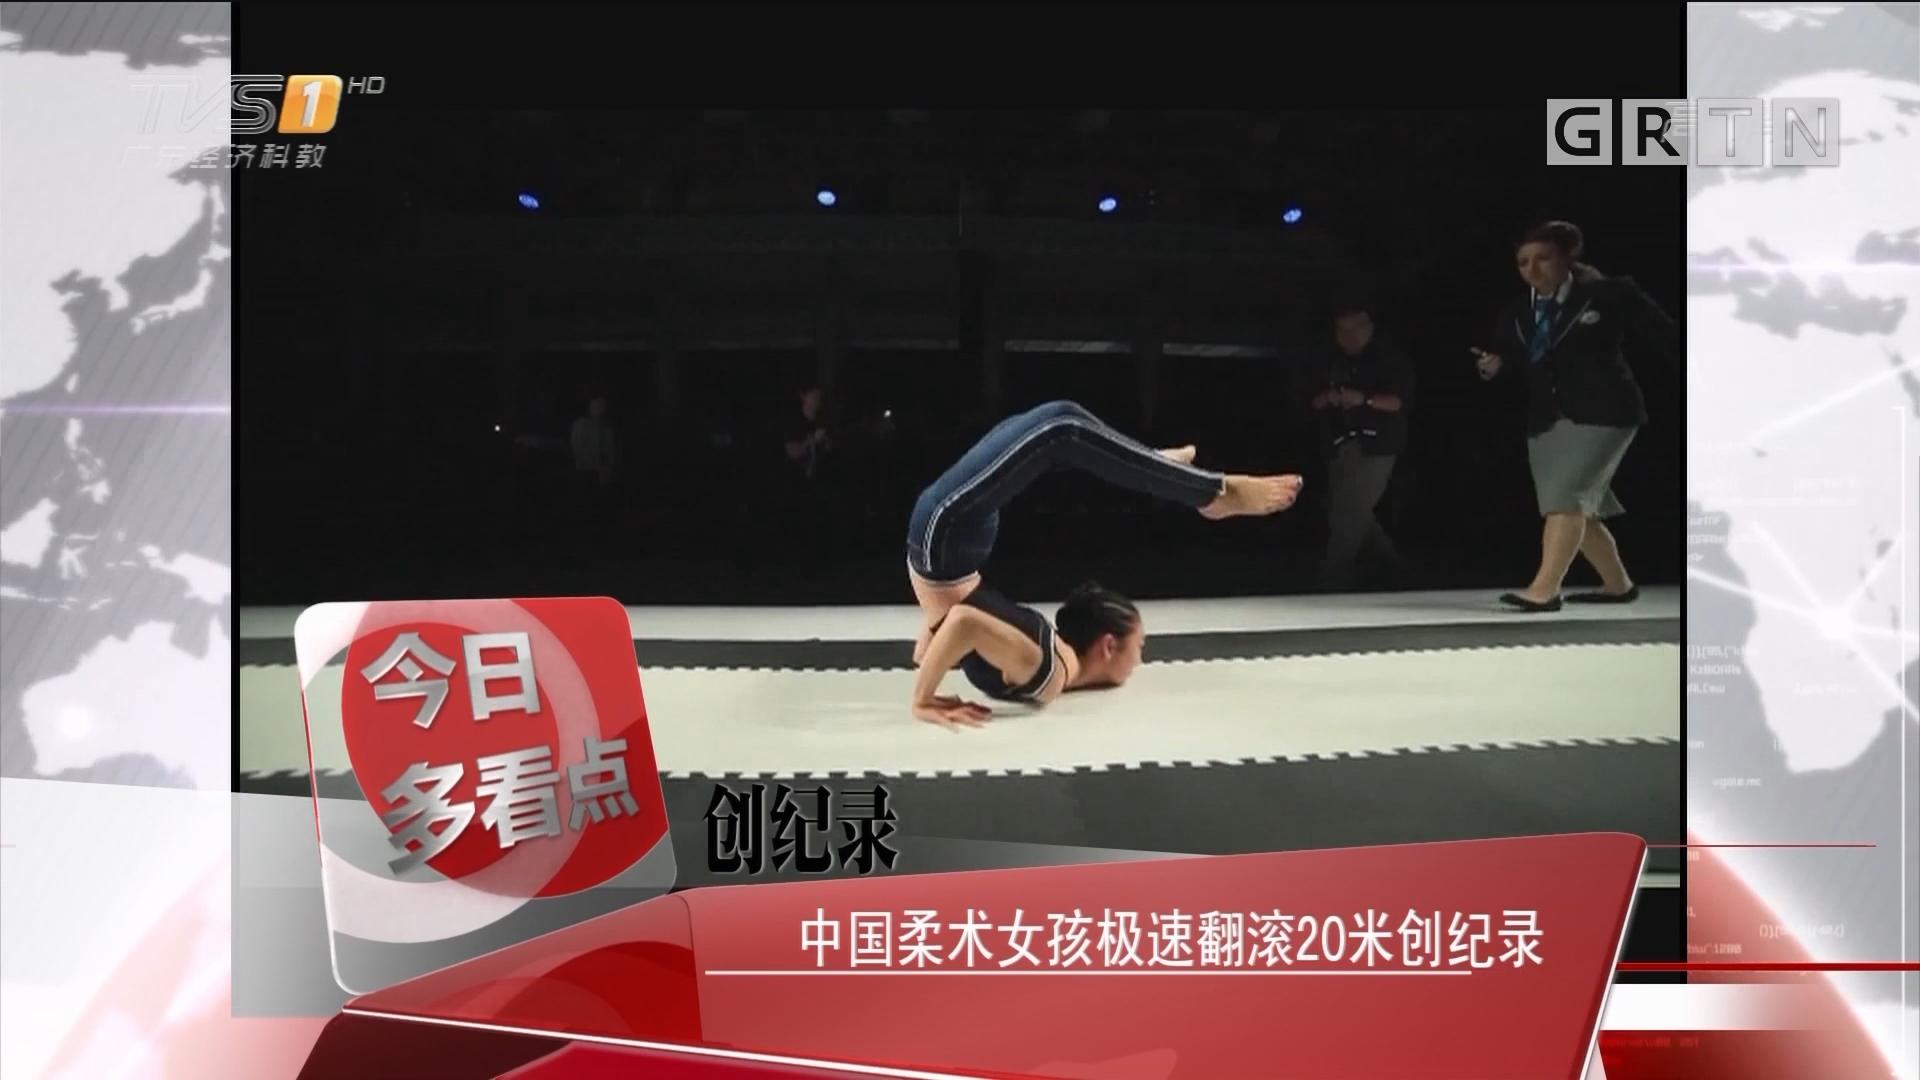 创纪录:中国柔术女孩极速翻滚20米创纪录